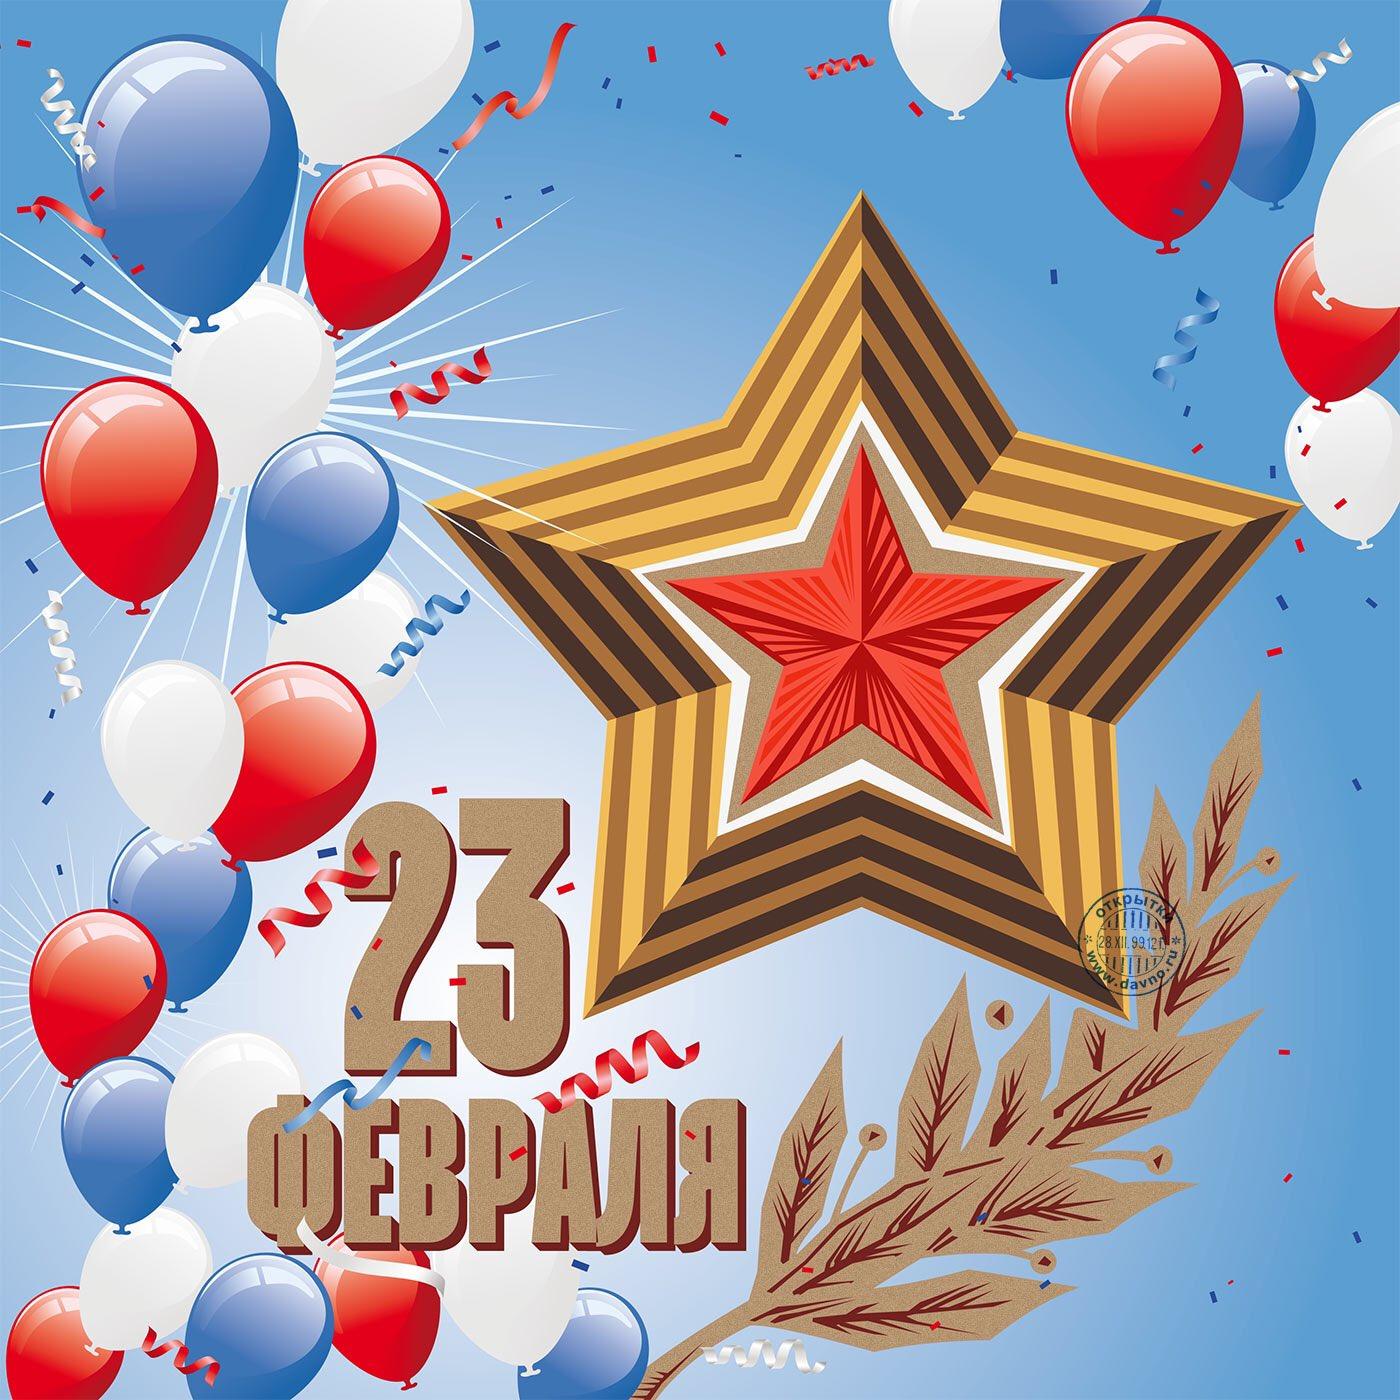 Оформление поздравления на 23 февраля